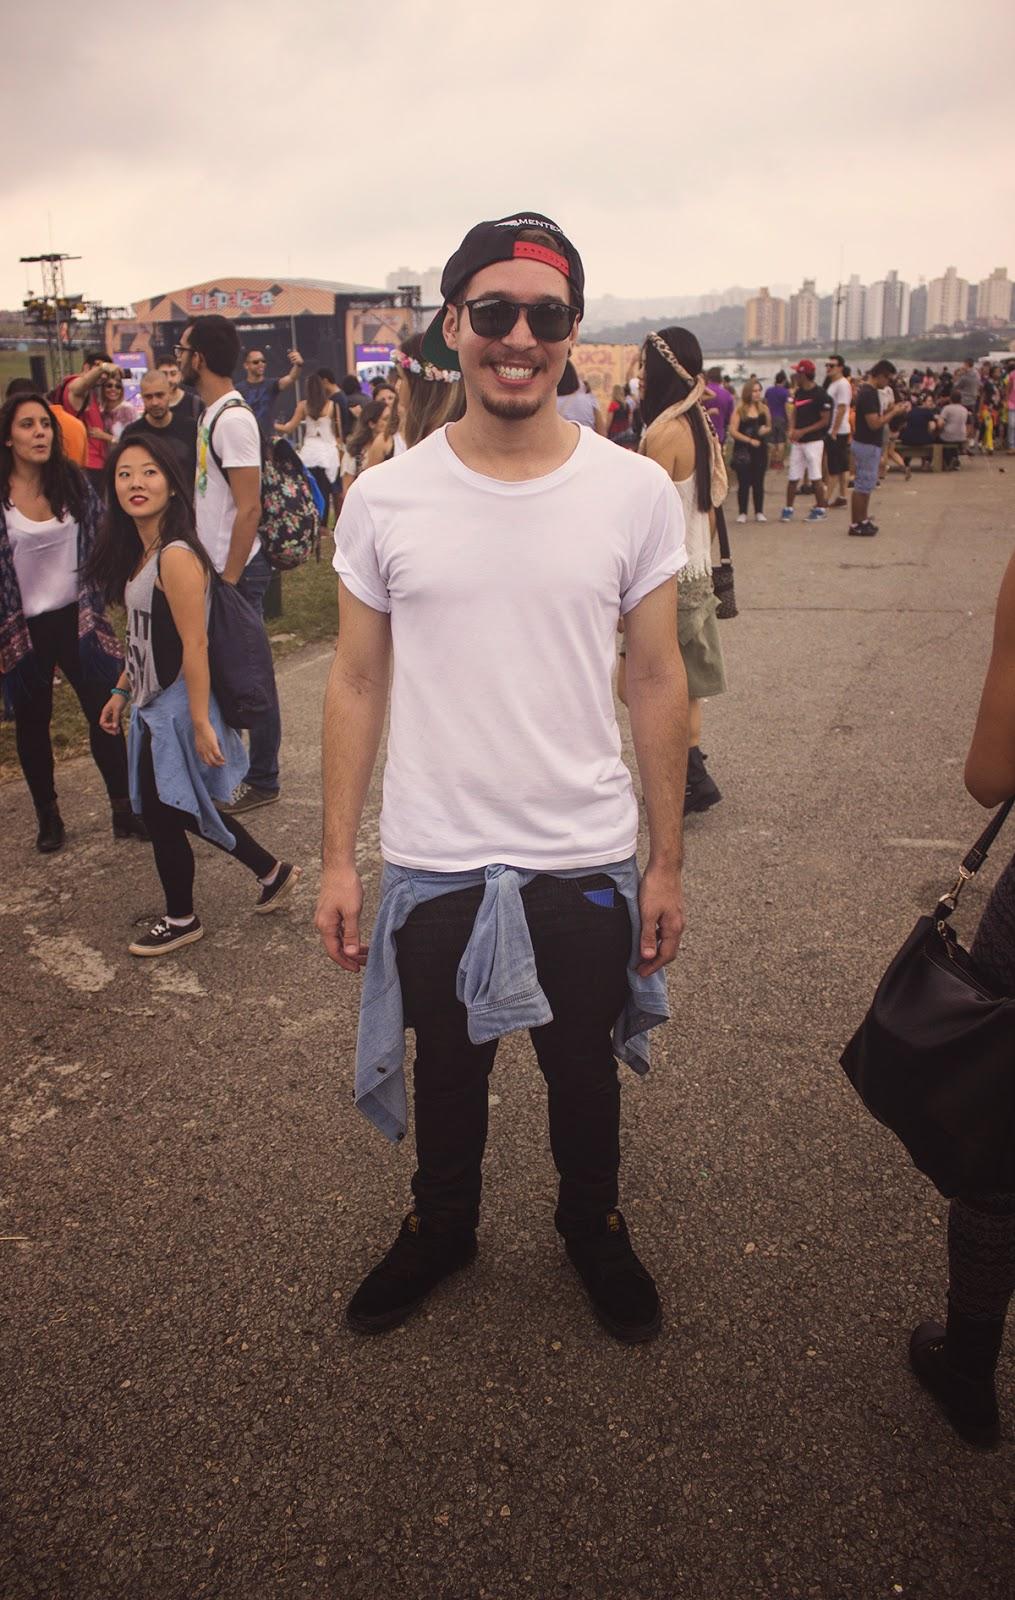 853727f1bfb69 Macho Moda - Blog de Moda Masculina  Os Looks Masculinos do LollaPalooza  Brasil 2015!